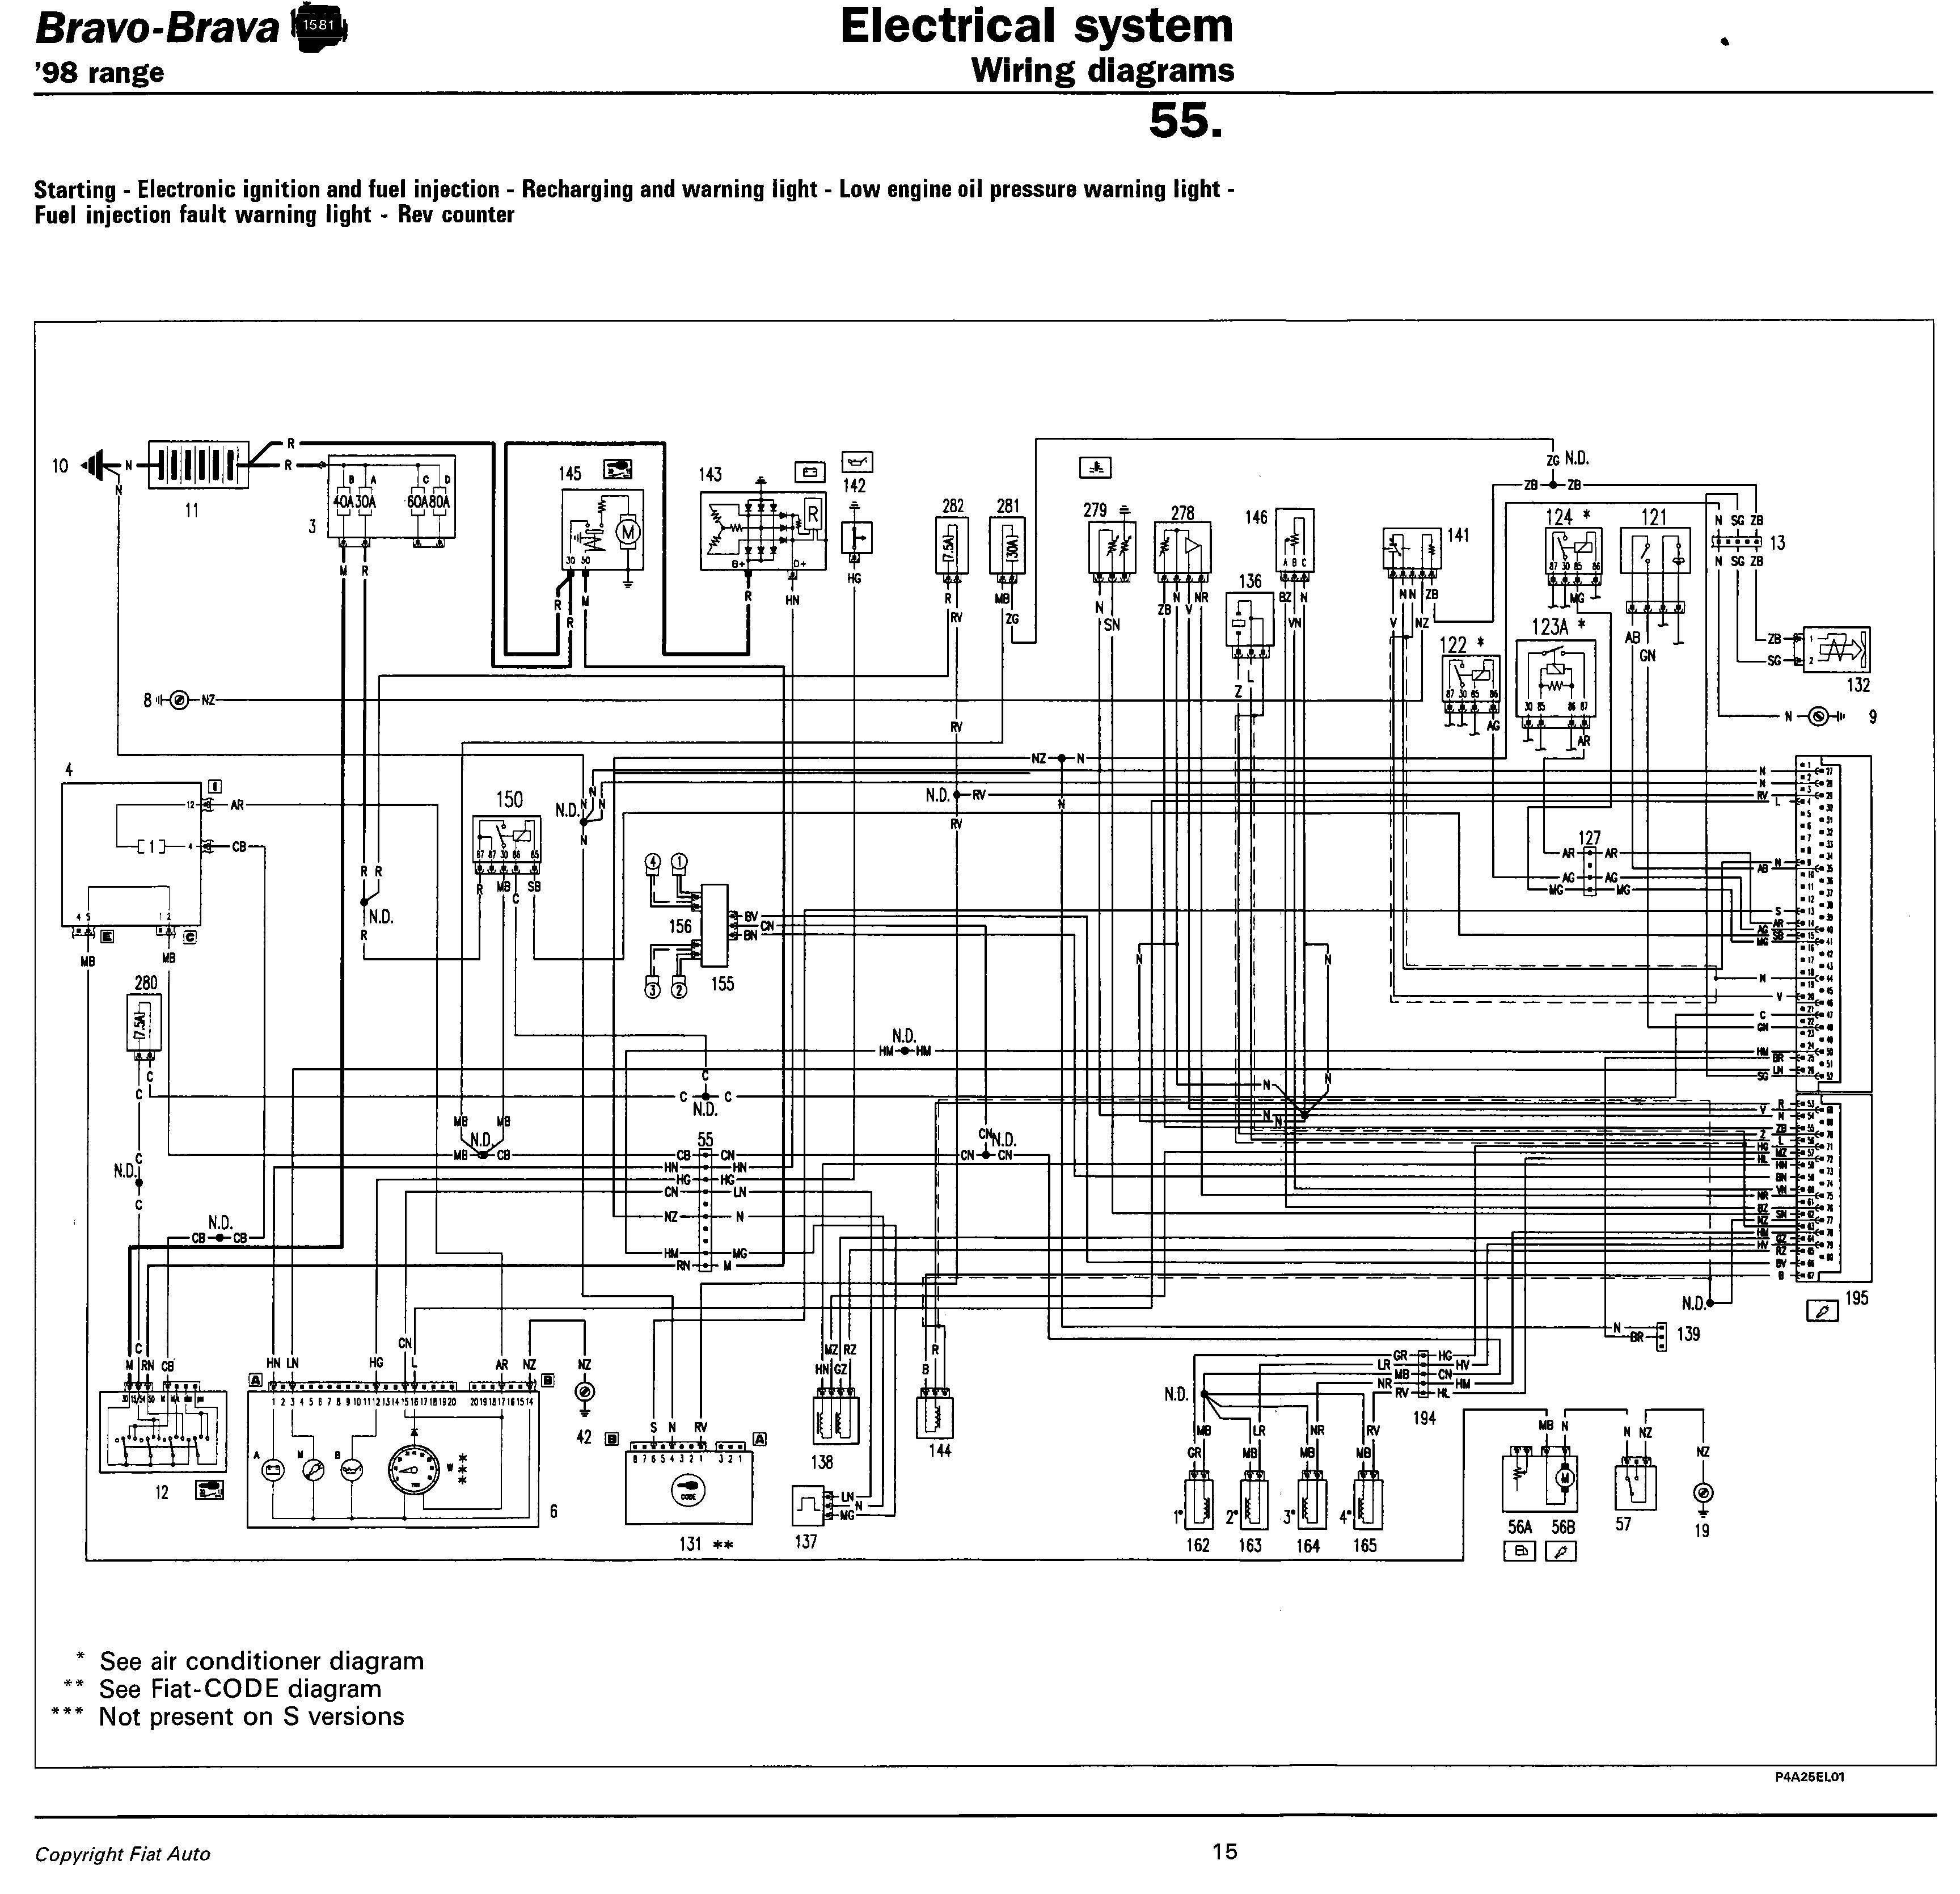 Fiat Doblo Wiring Diagram